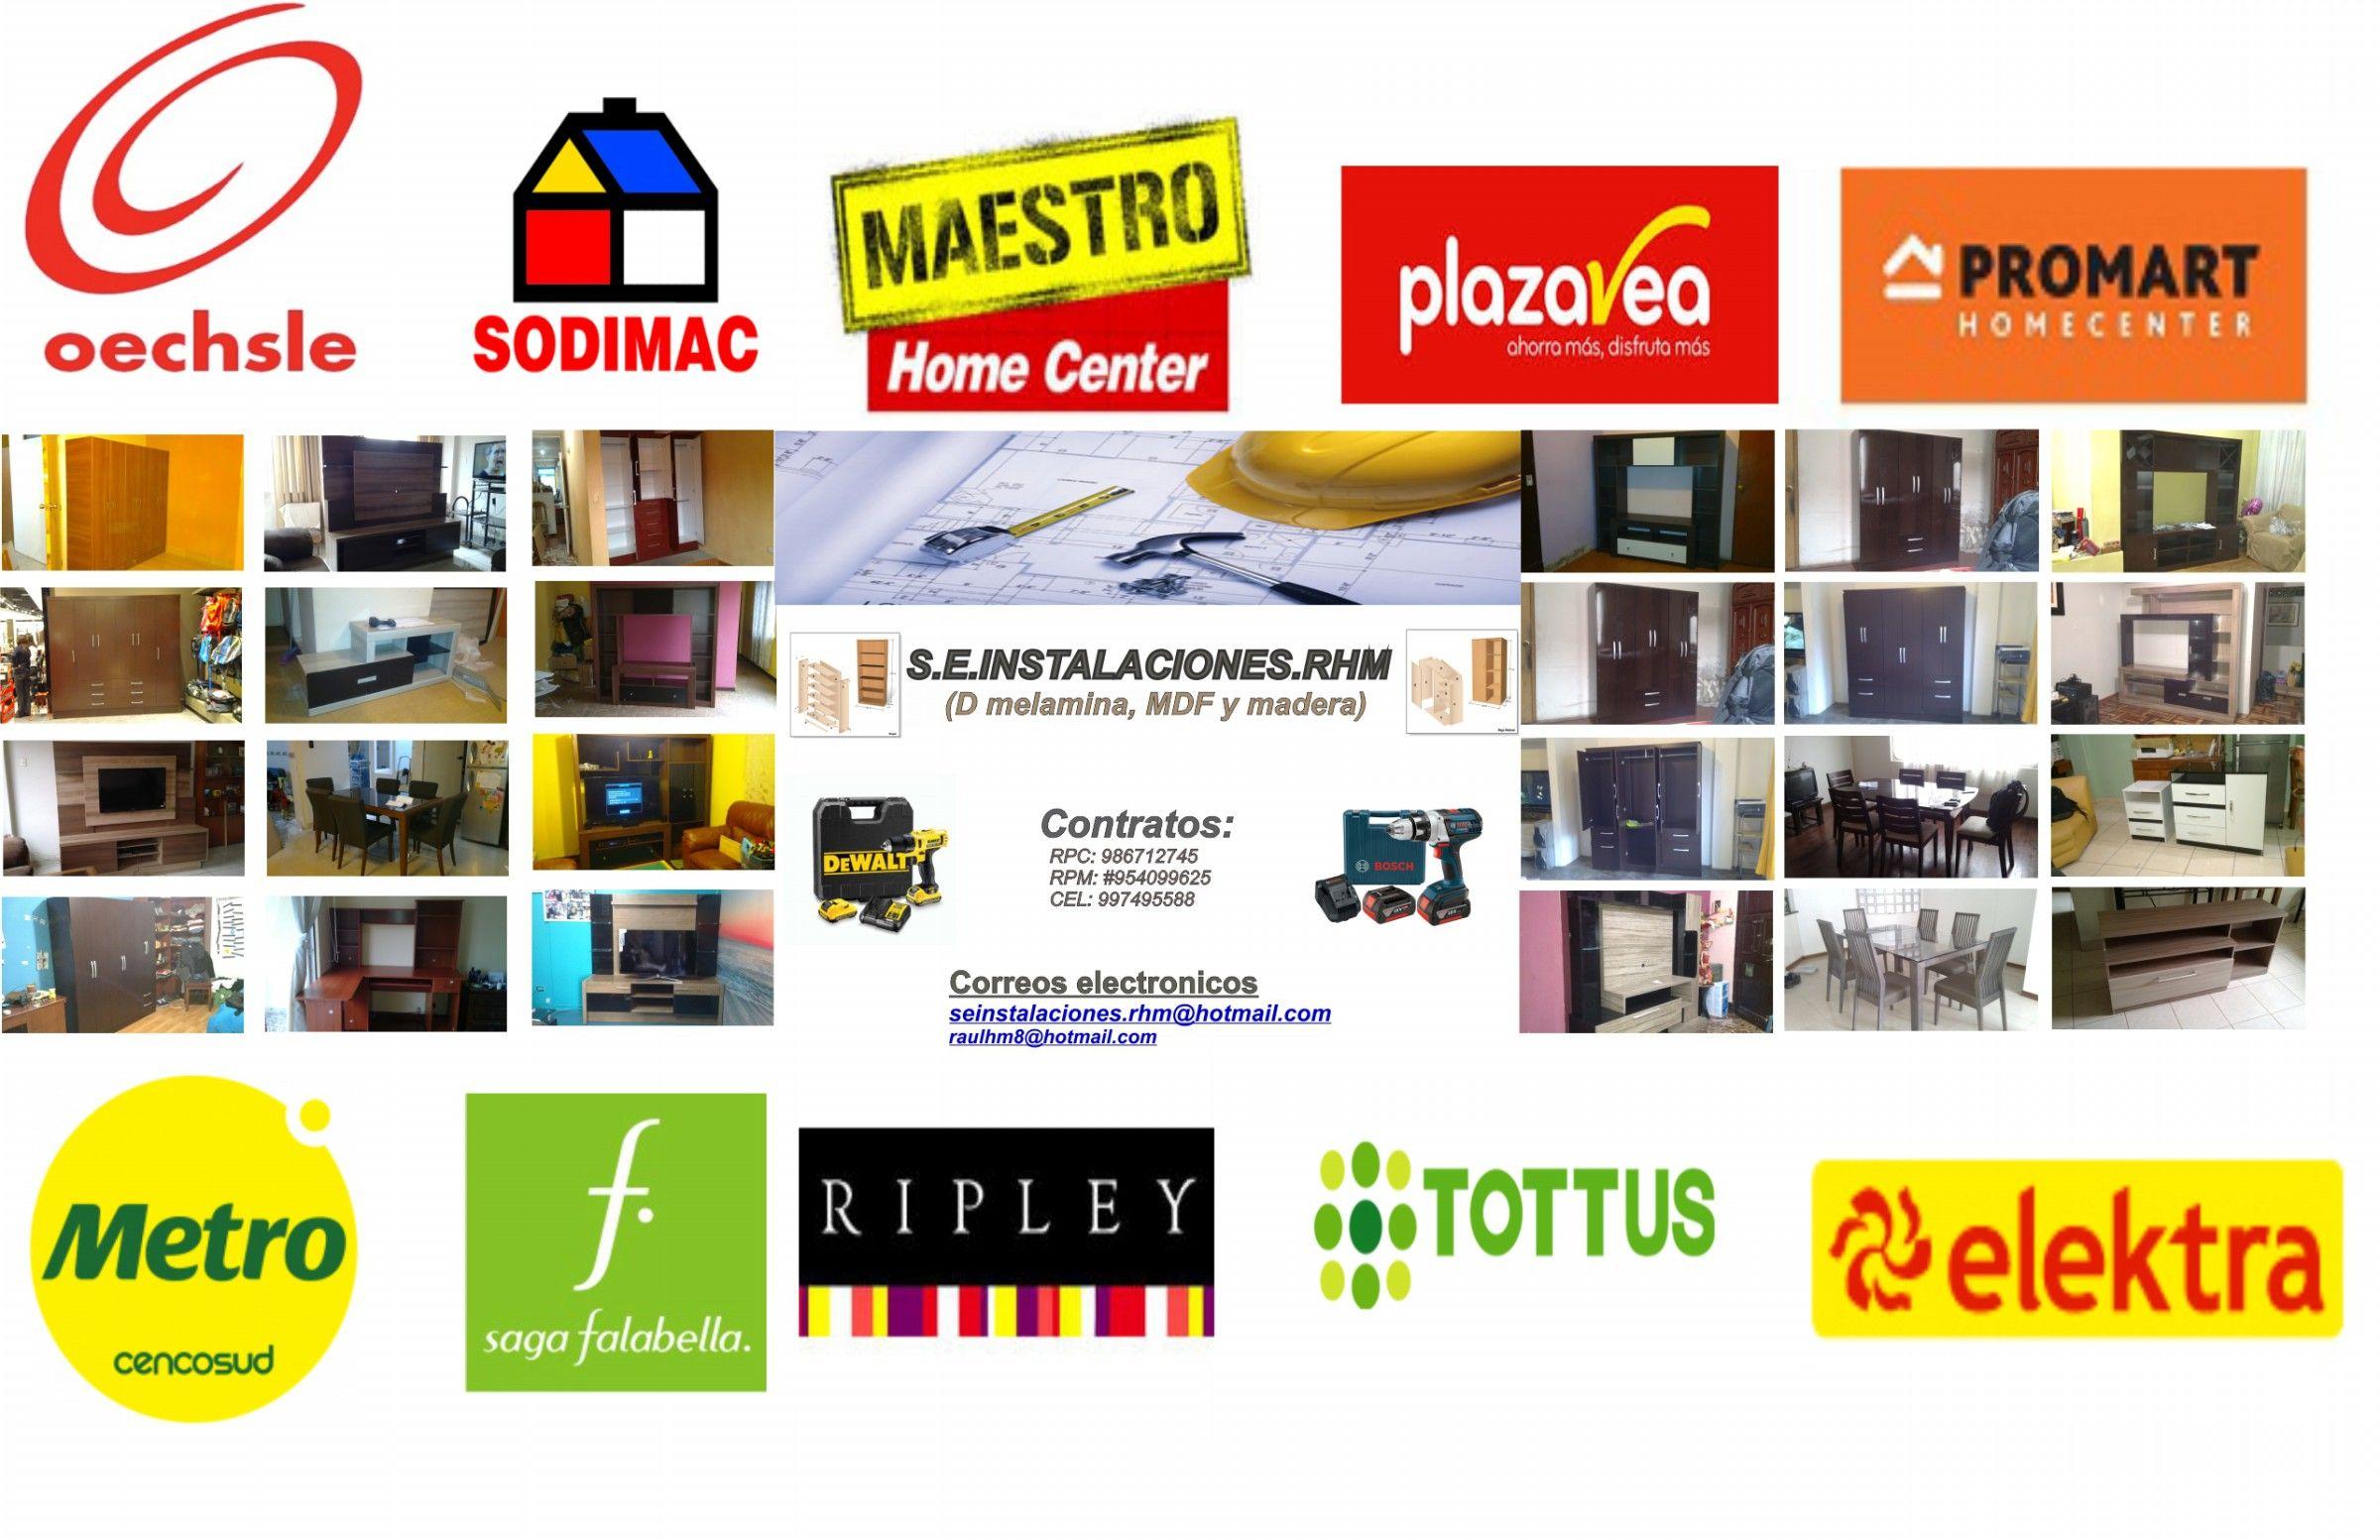 Logotipo De Seinstalaciones Rhm Cotratos Para El Armado De Muebles  # Muebles Oechsle